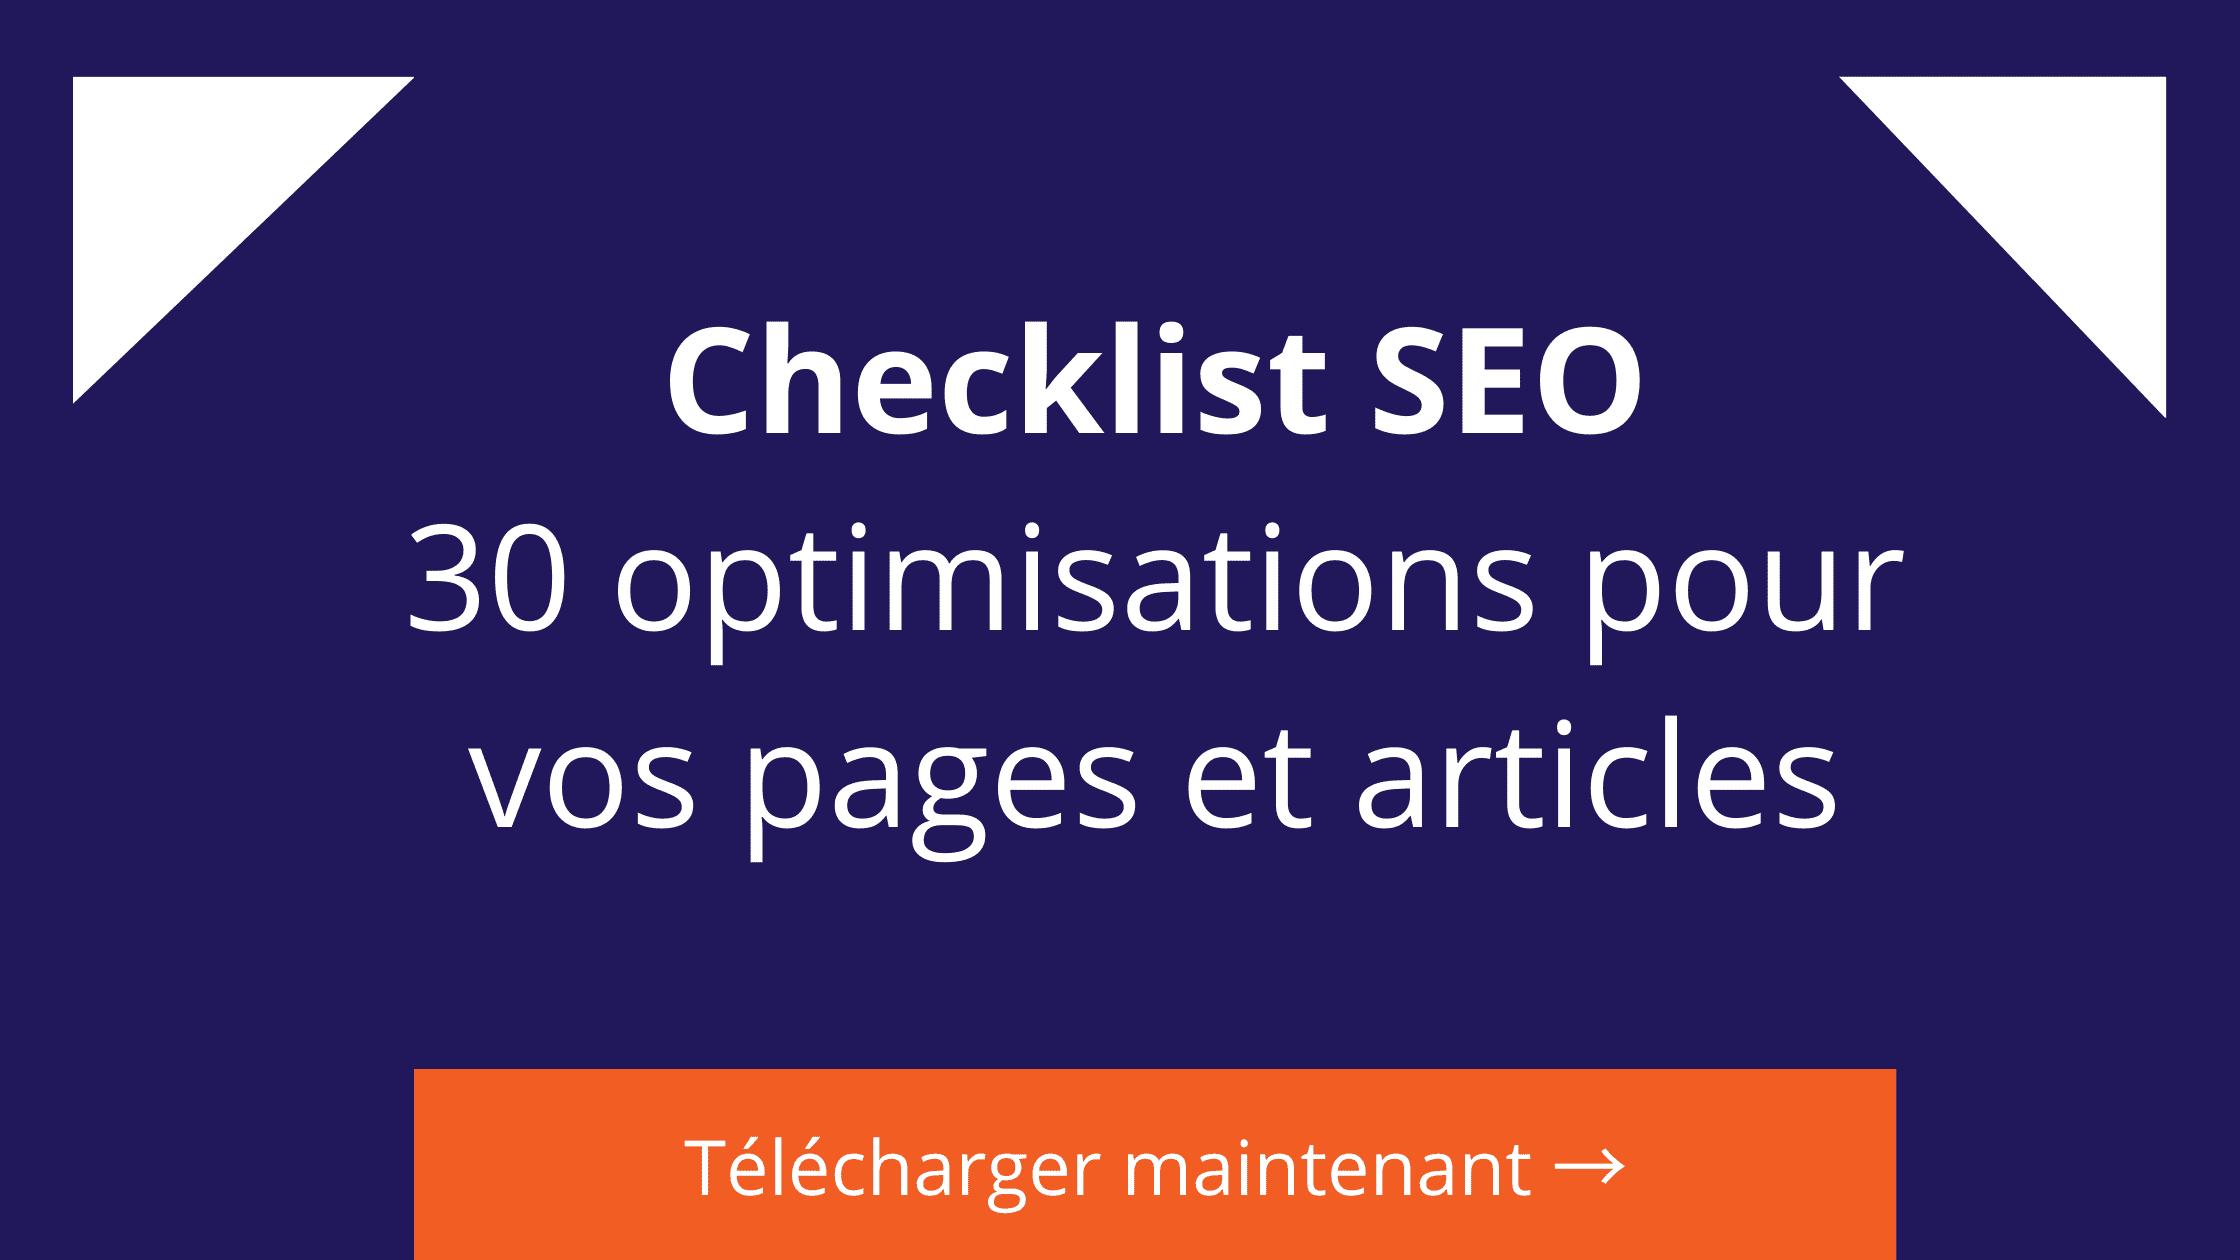 checklist seo optimisations pour les pages et articles